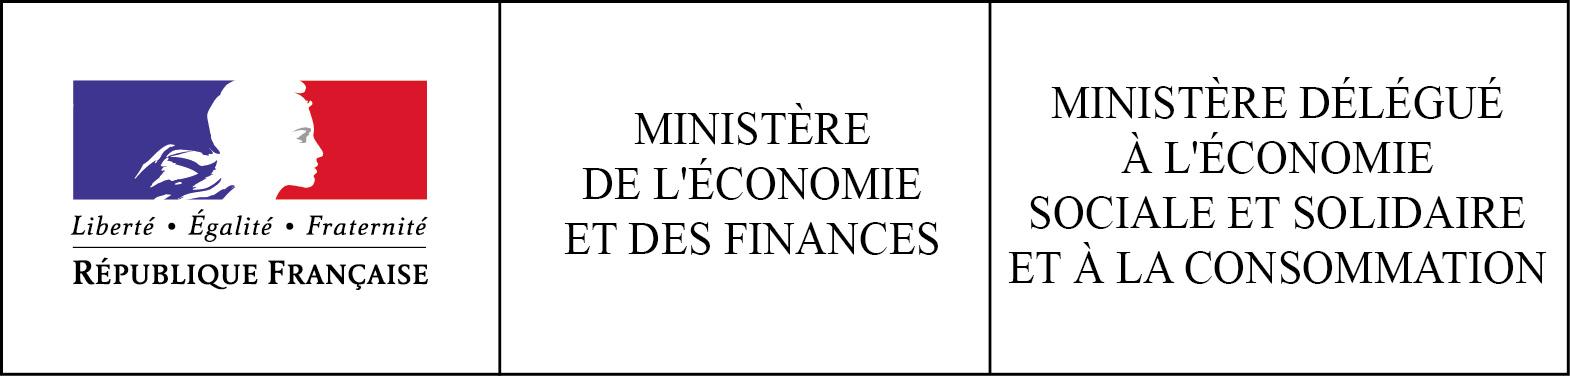 Partenaire Usgeres : Ministère de l'économie sociale